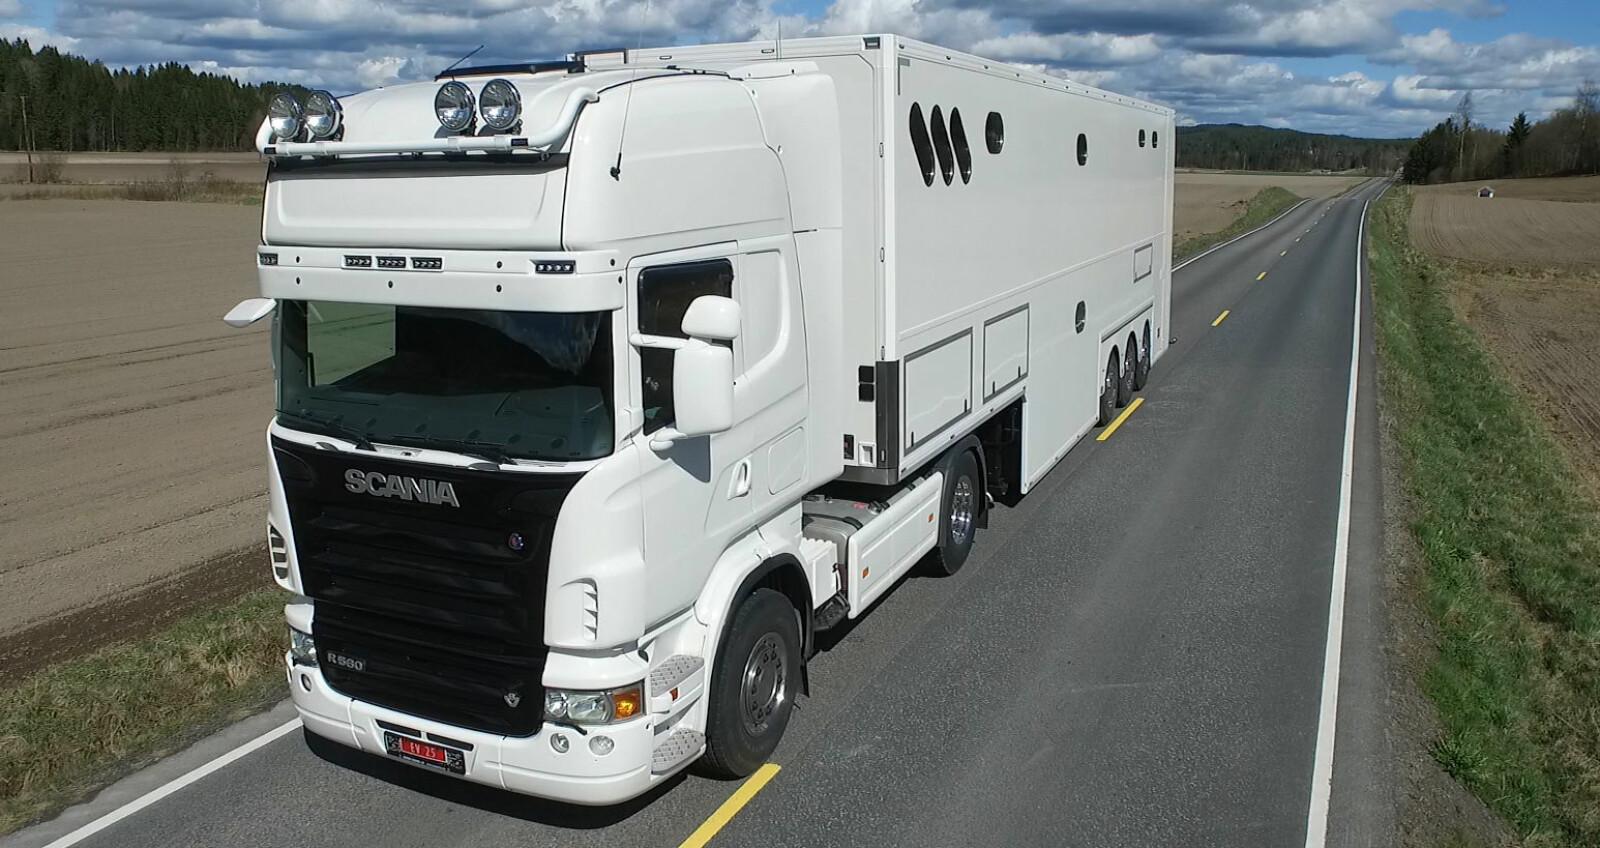 Nytt Luksusbobil: Bygde om vogntog til bobil - Bobil JS-49